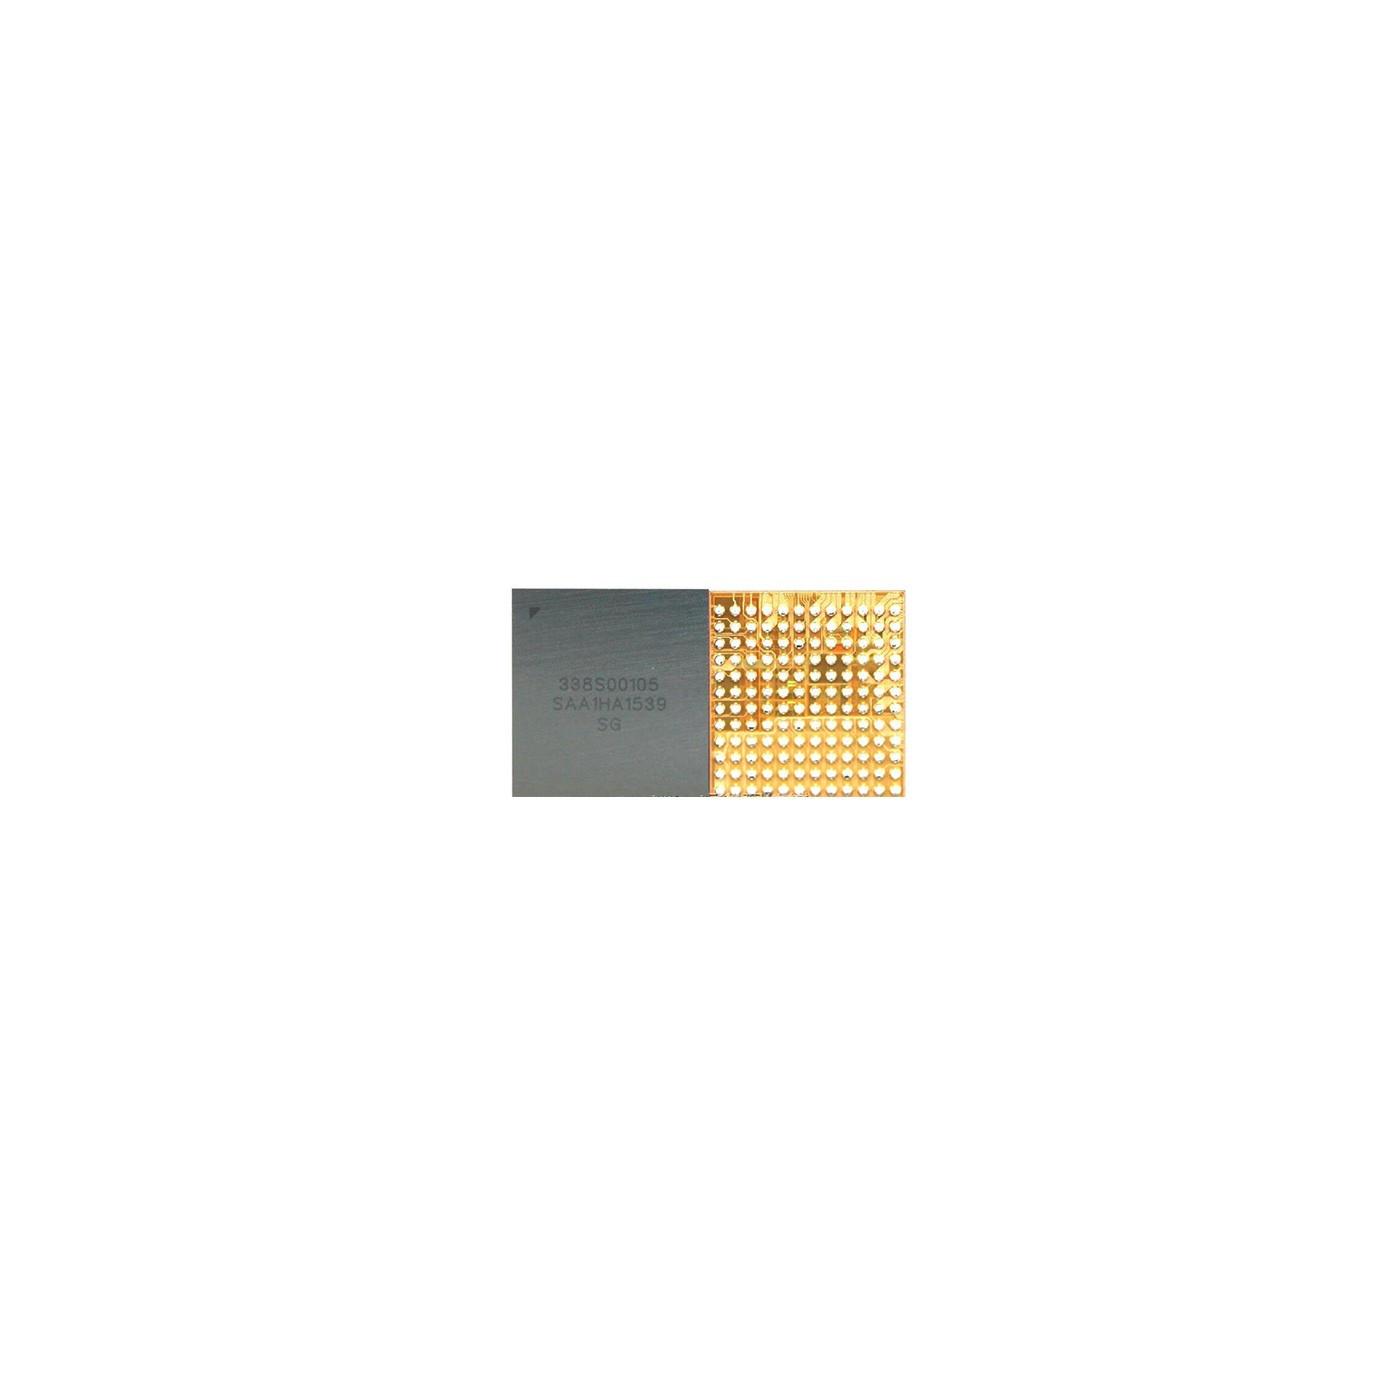 IC CHIP BIG AUDIO 338S00105 U3101 FOR iPhone 6S - 6S Plus - 7 - 7 Plus